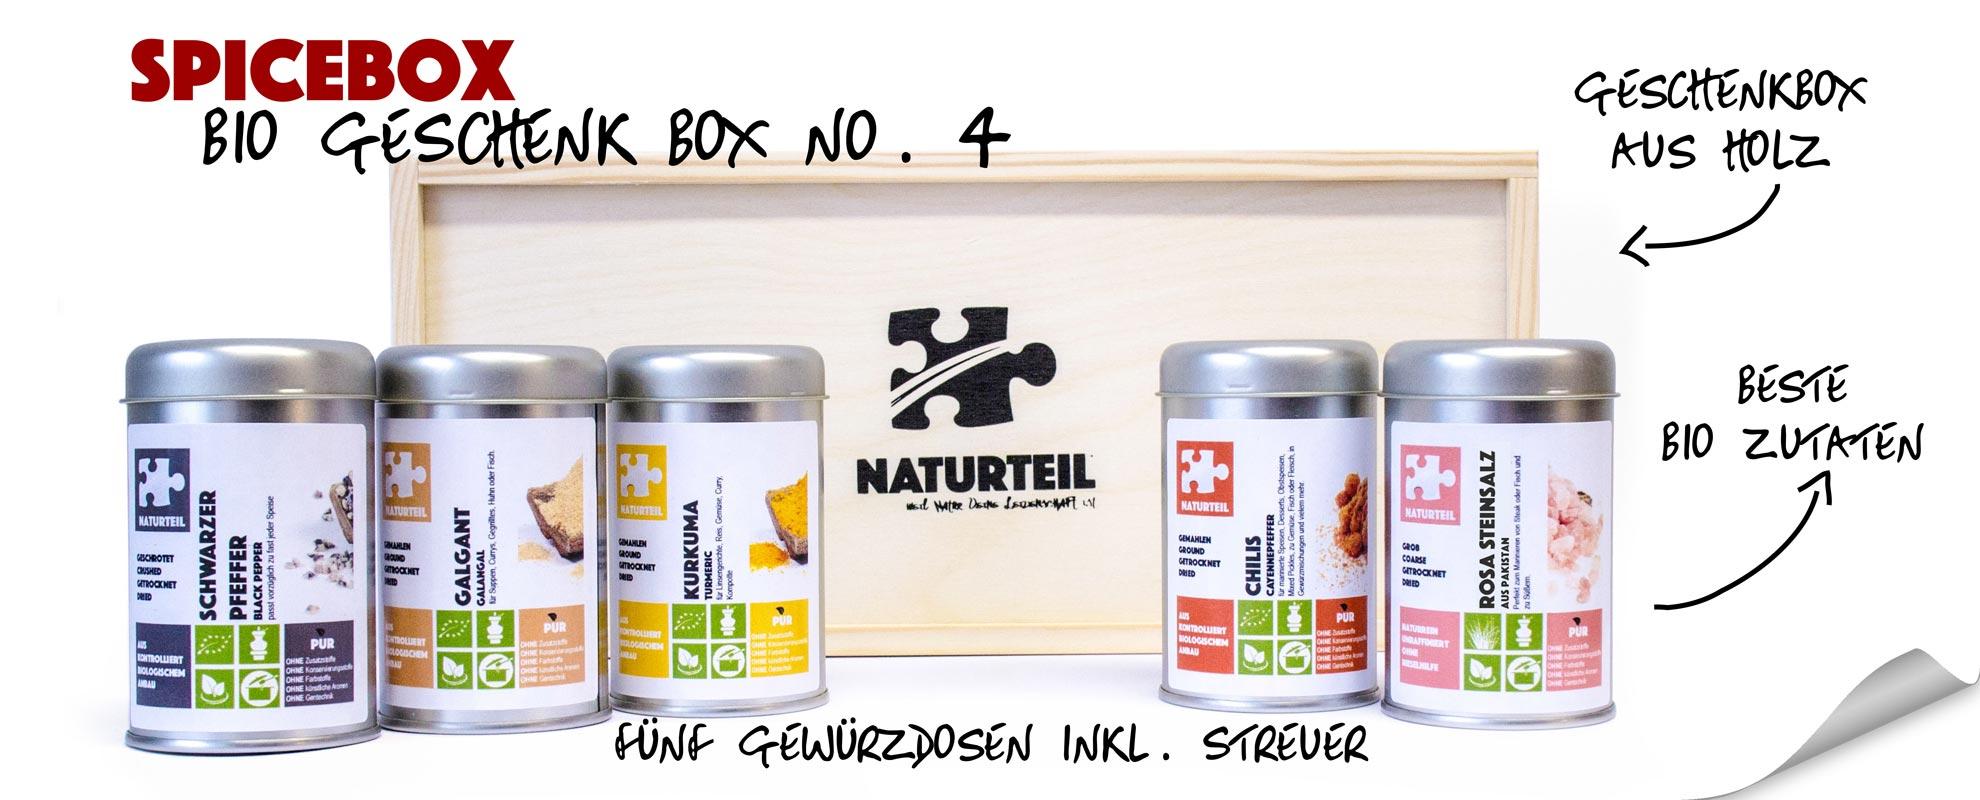 Naturteil Geschenke - bio spice box